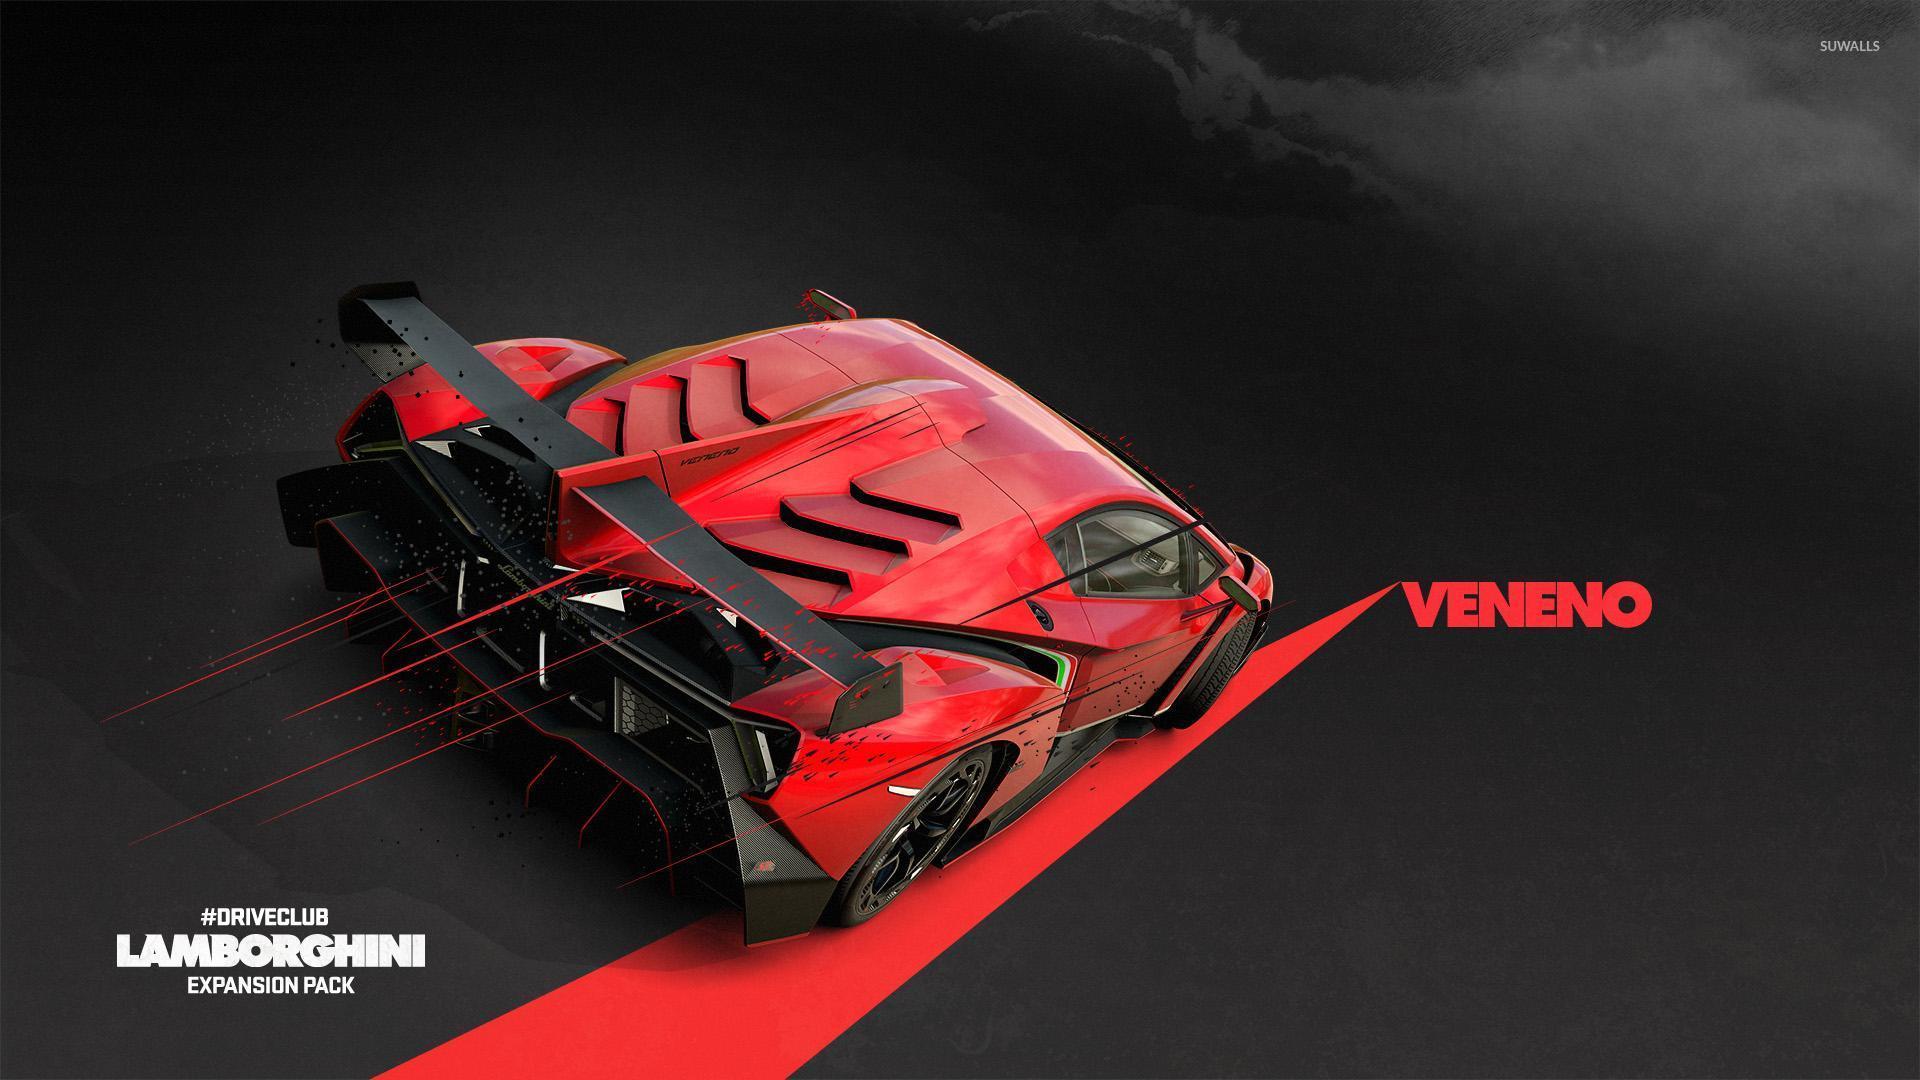 lamborghini veneno driveclub wallpaper - Red Lamborghini Veneno Wallpaper